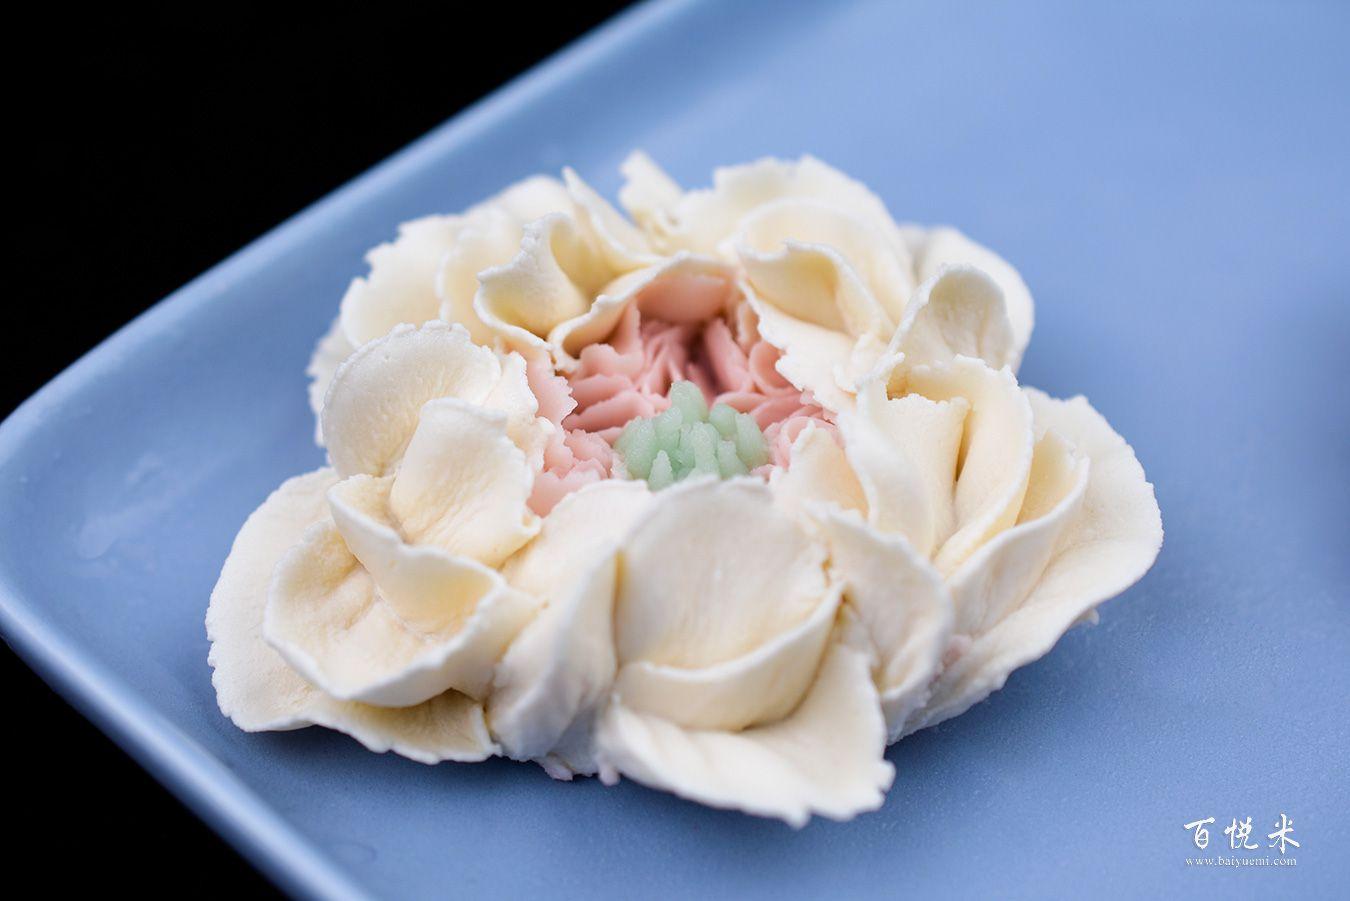 奥斯汀玫瑰花高清图片大全【蛋糕图片】_924